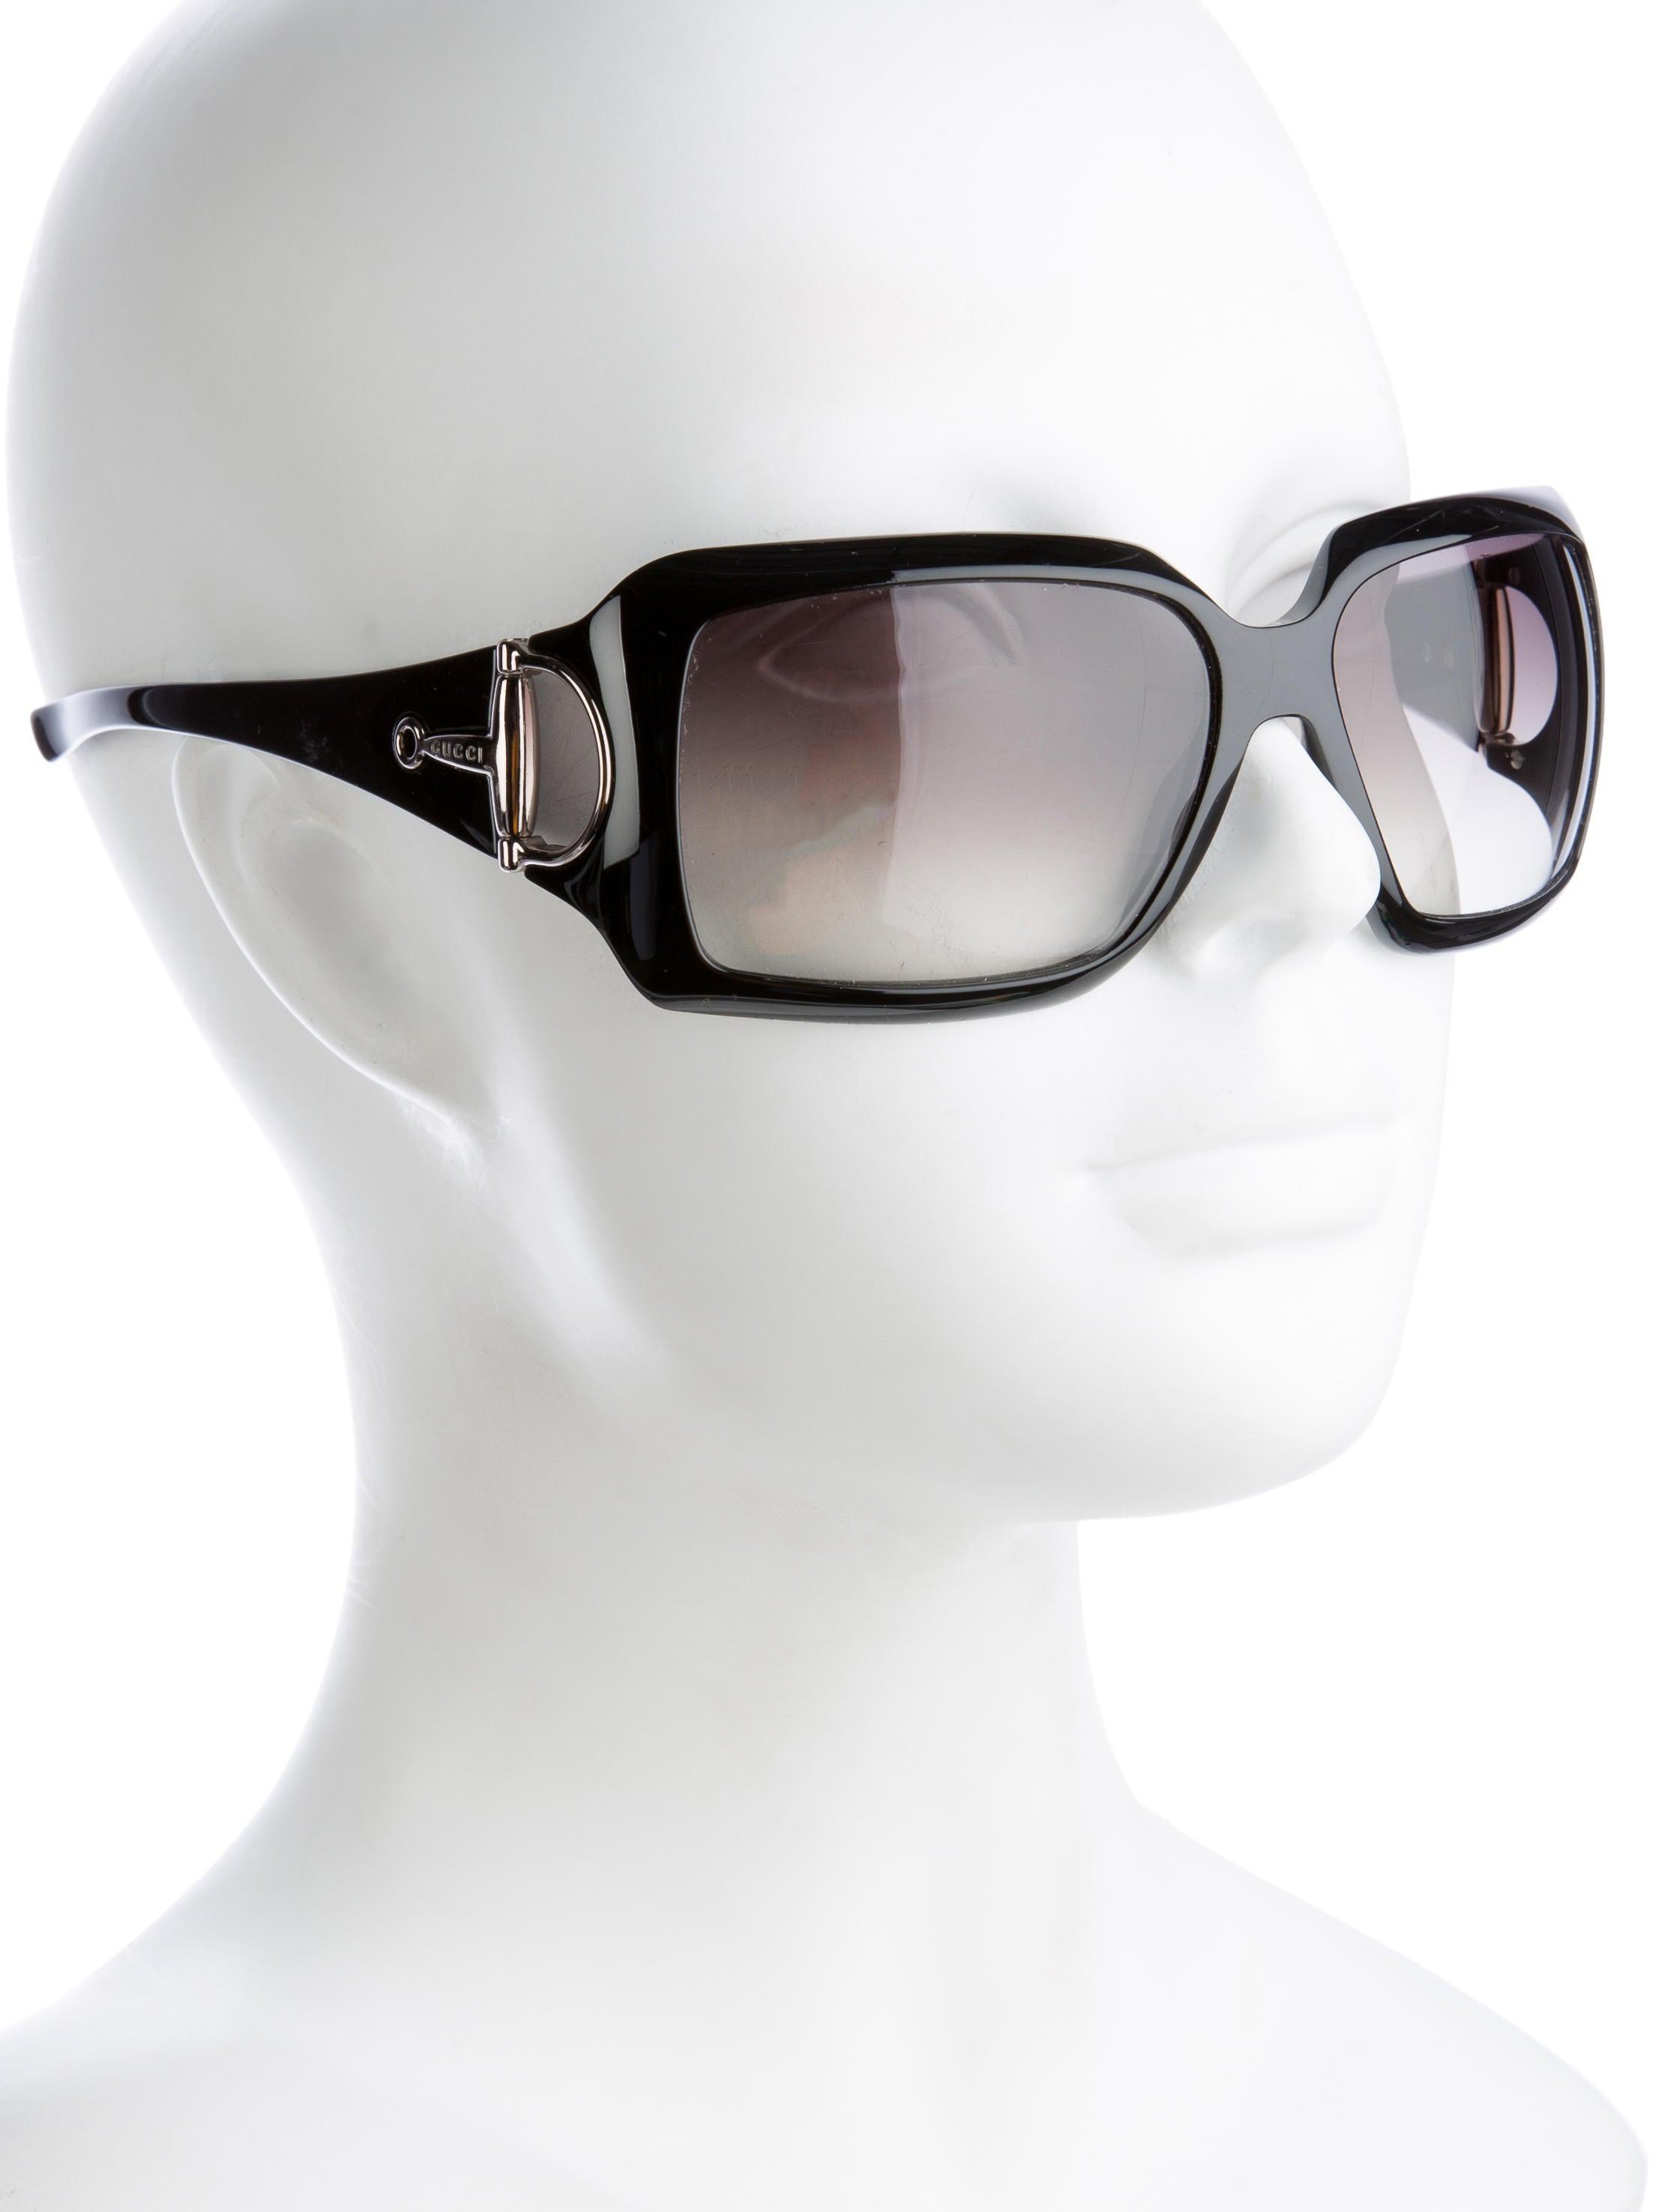 ca001b9727c Gucci Gradient Square Sunglasses - Accessories - GUC134942